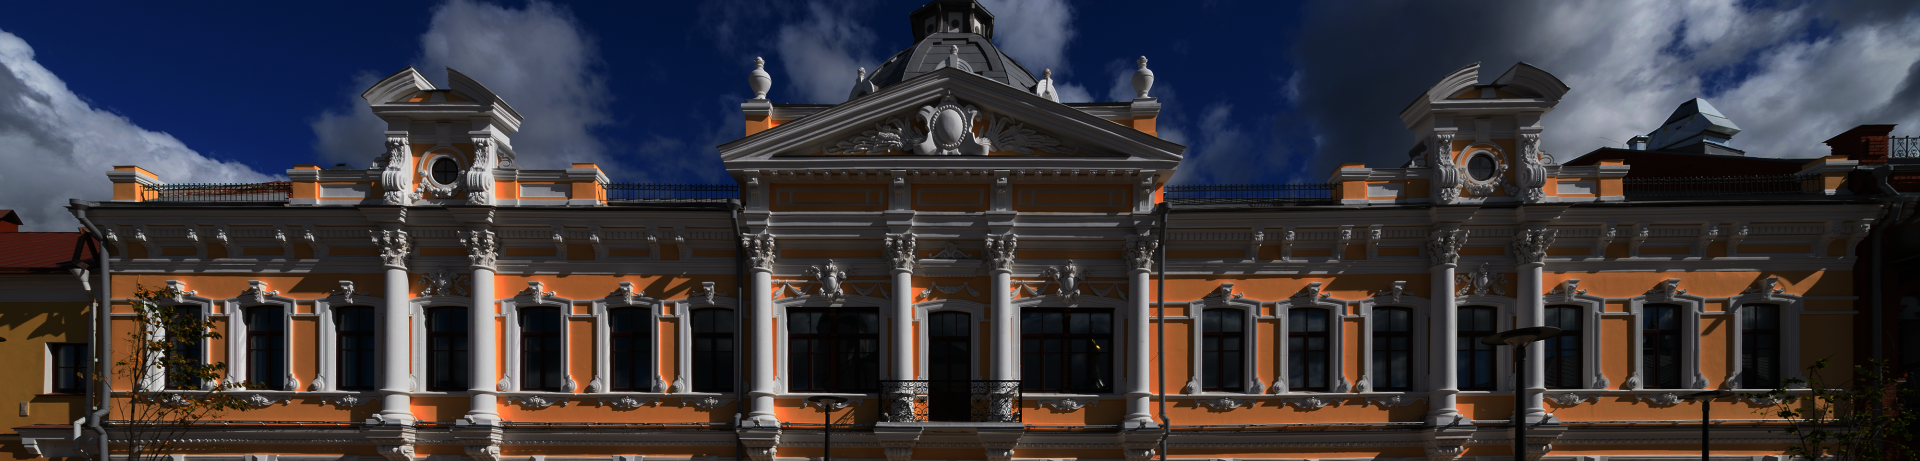 Музей в Туле